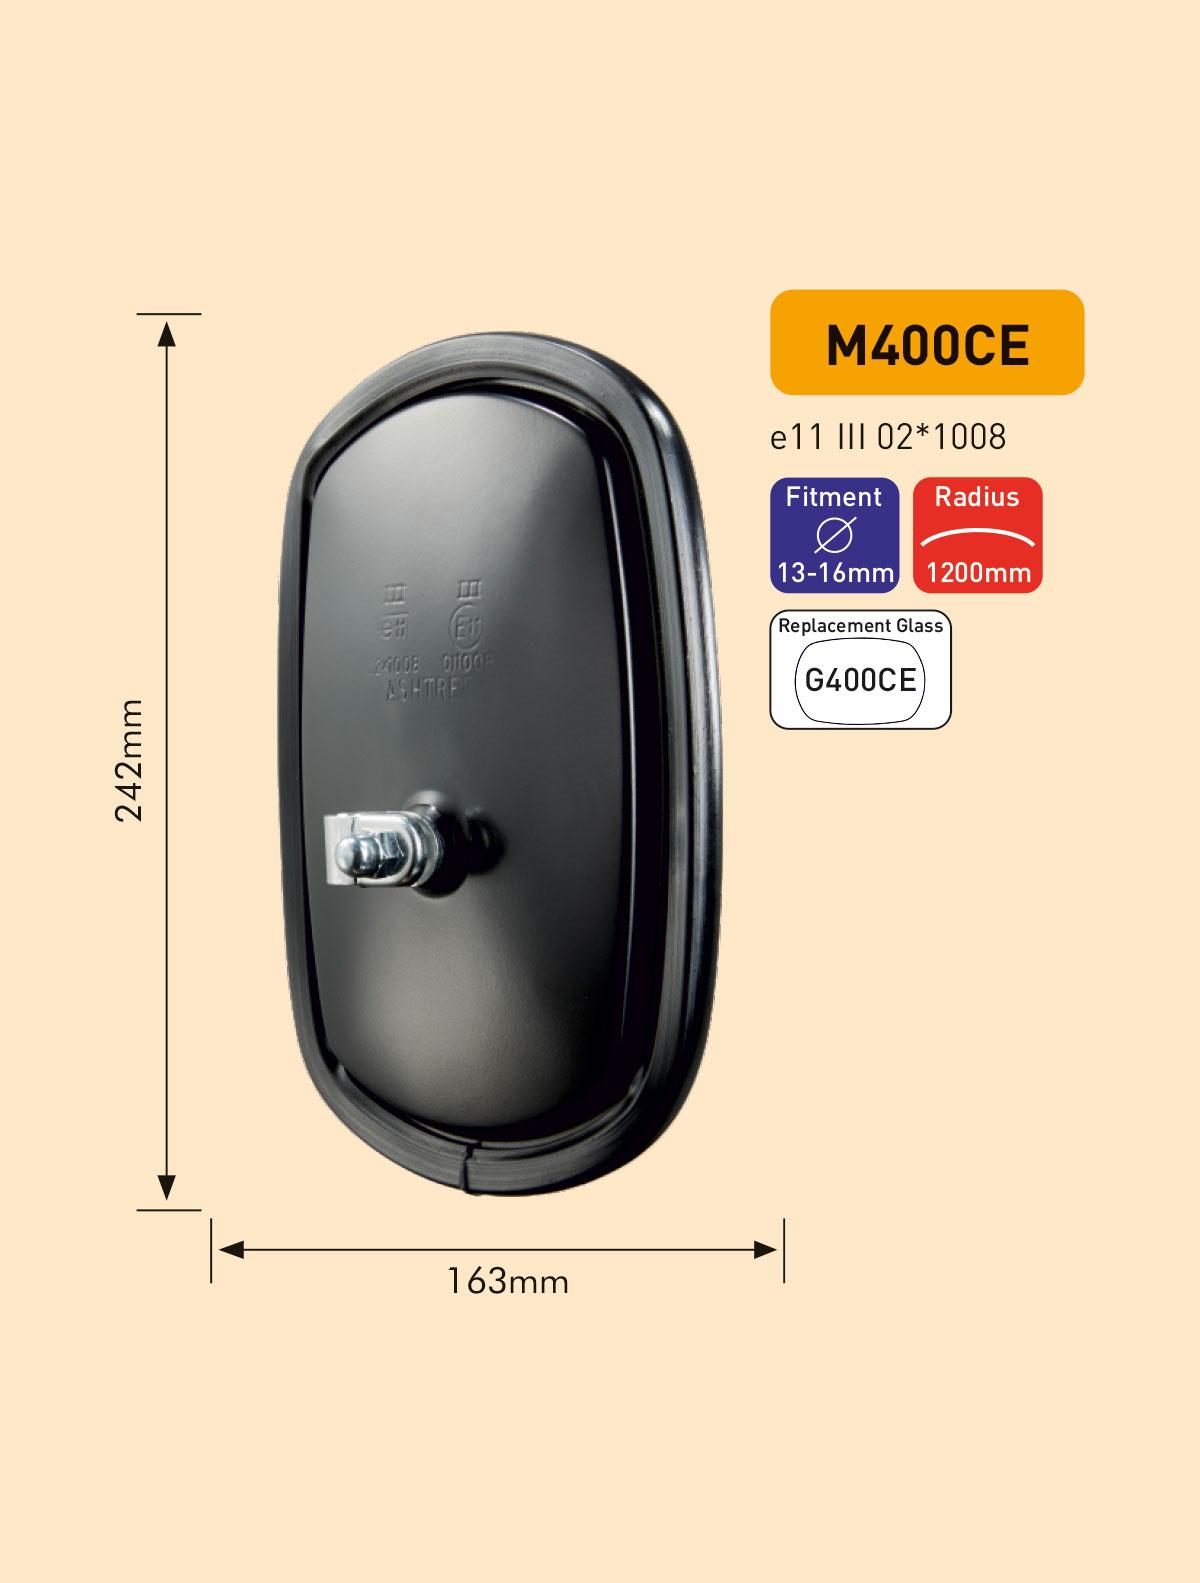 M400CE